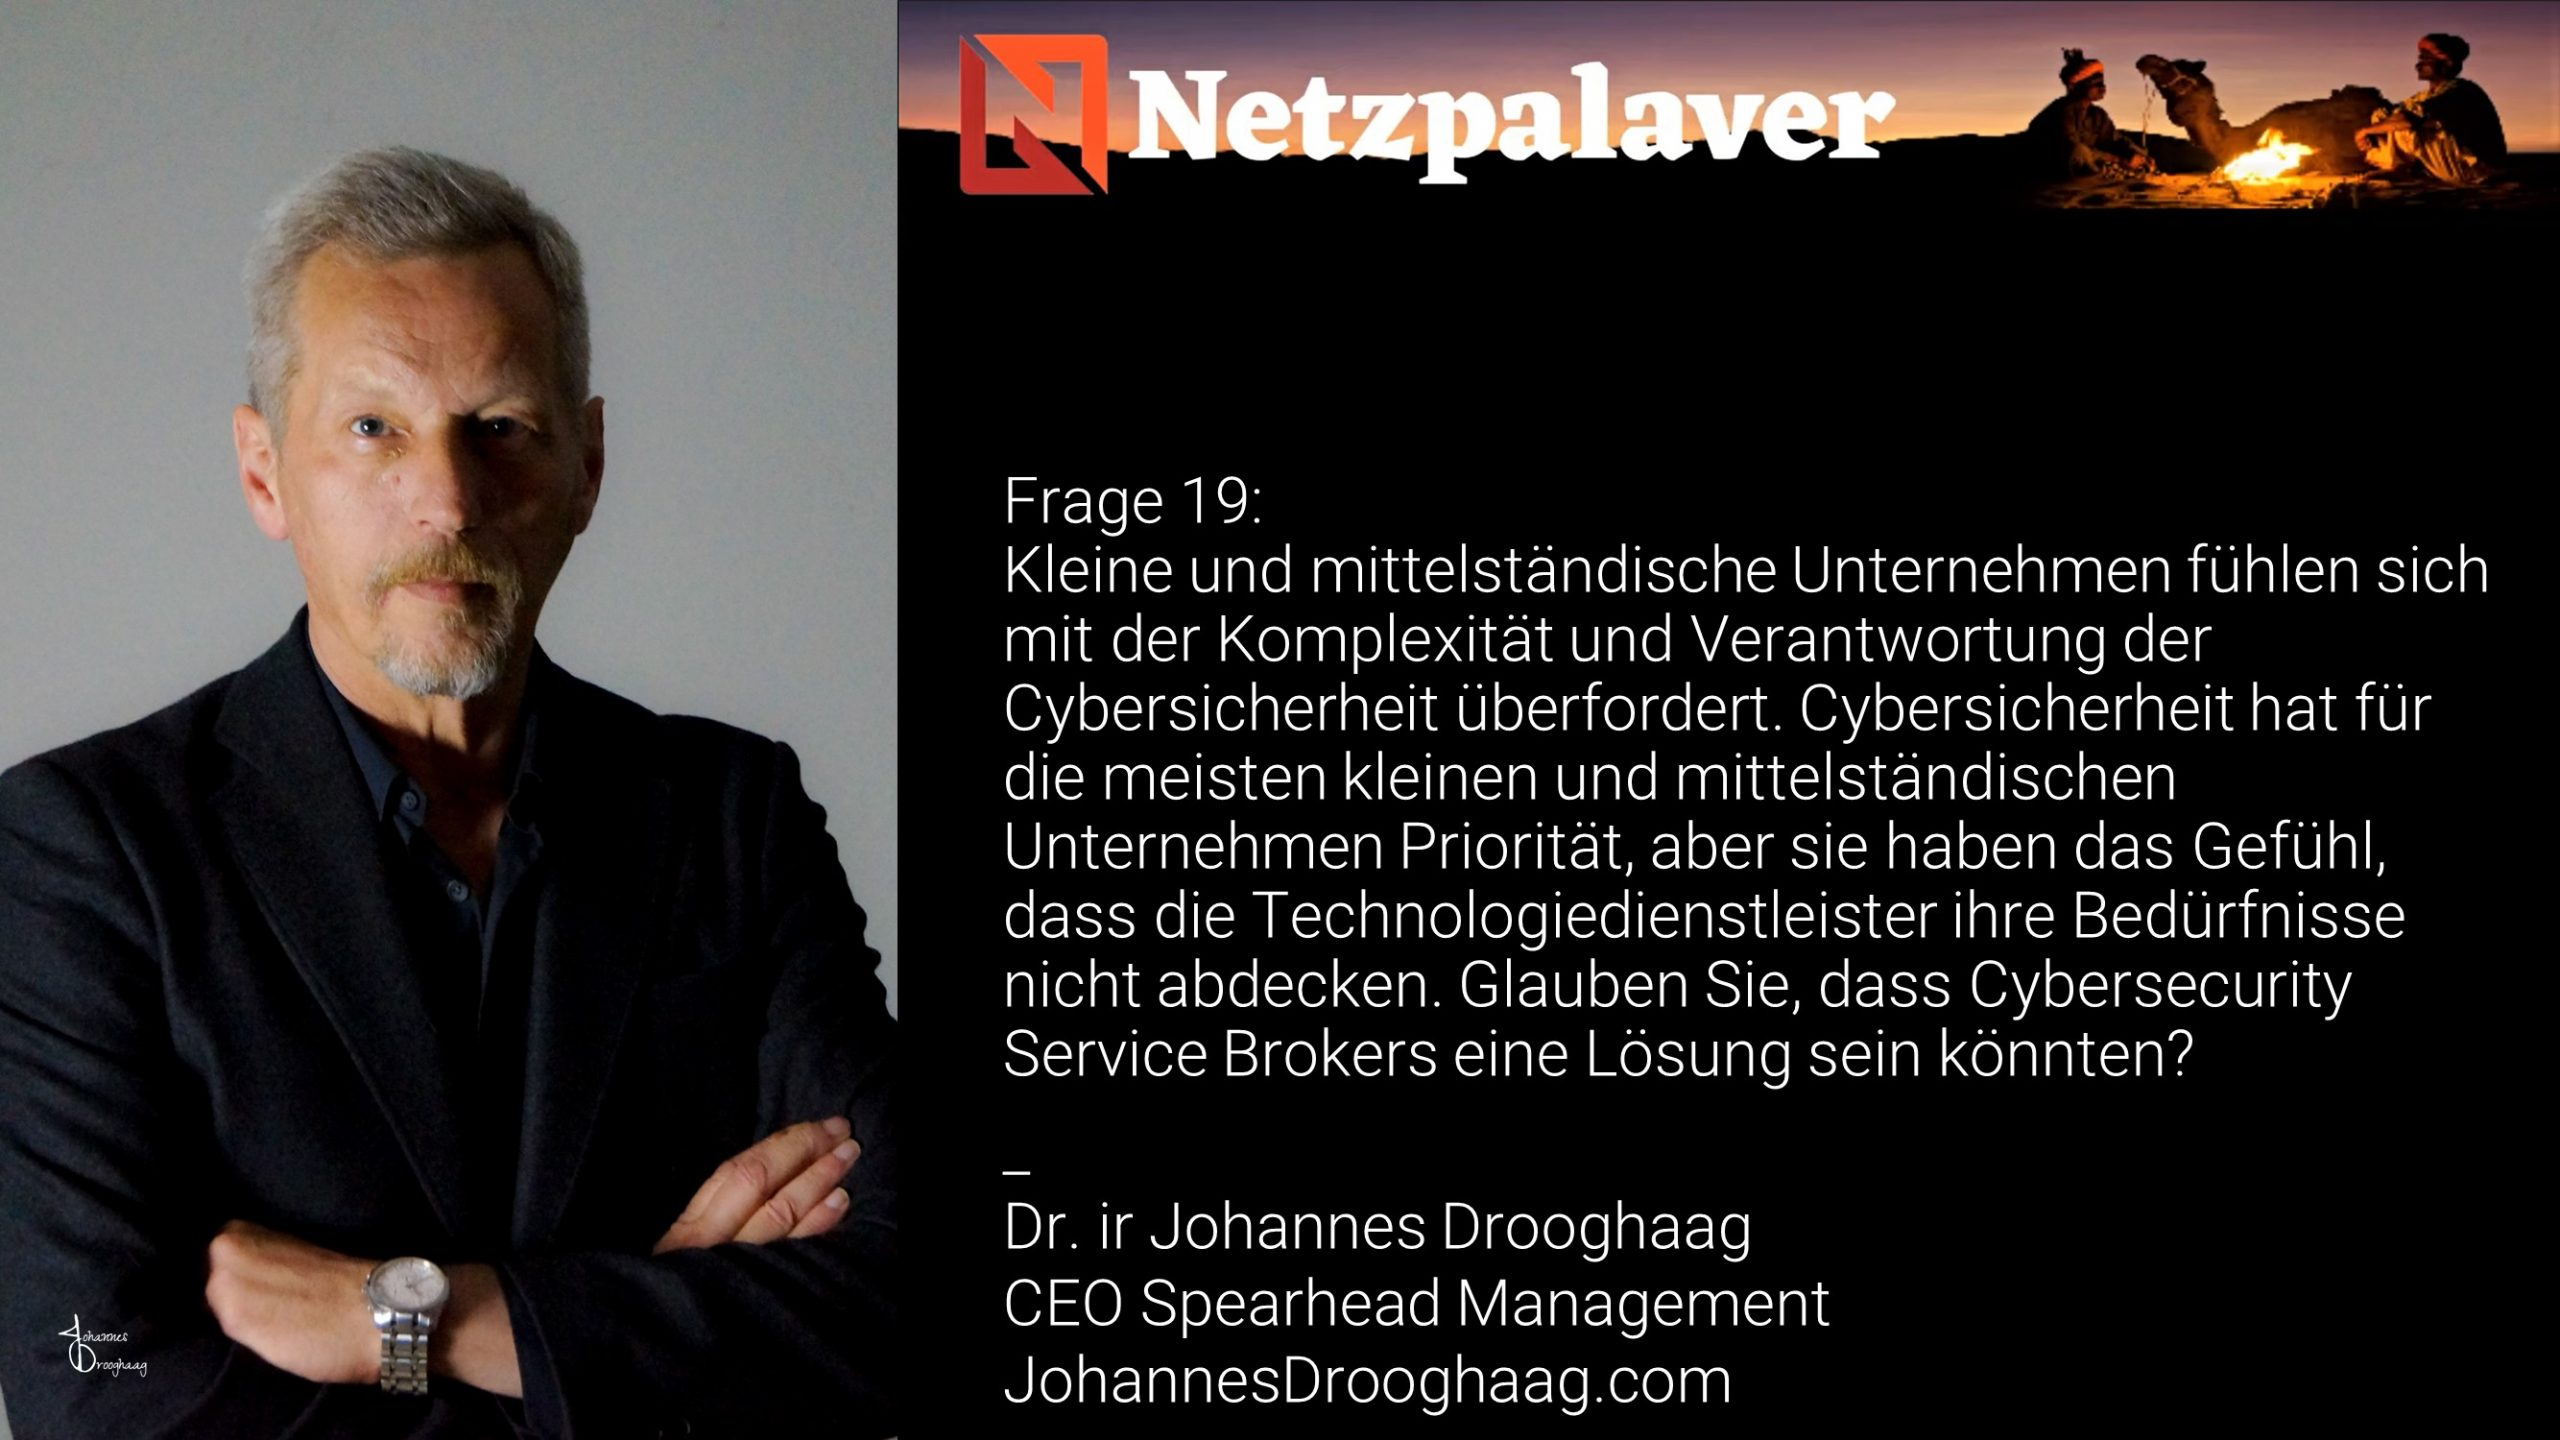 Netzpalaver: Mittelstand und Digitalisierung - Frage 19